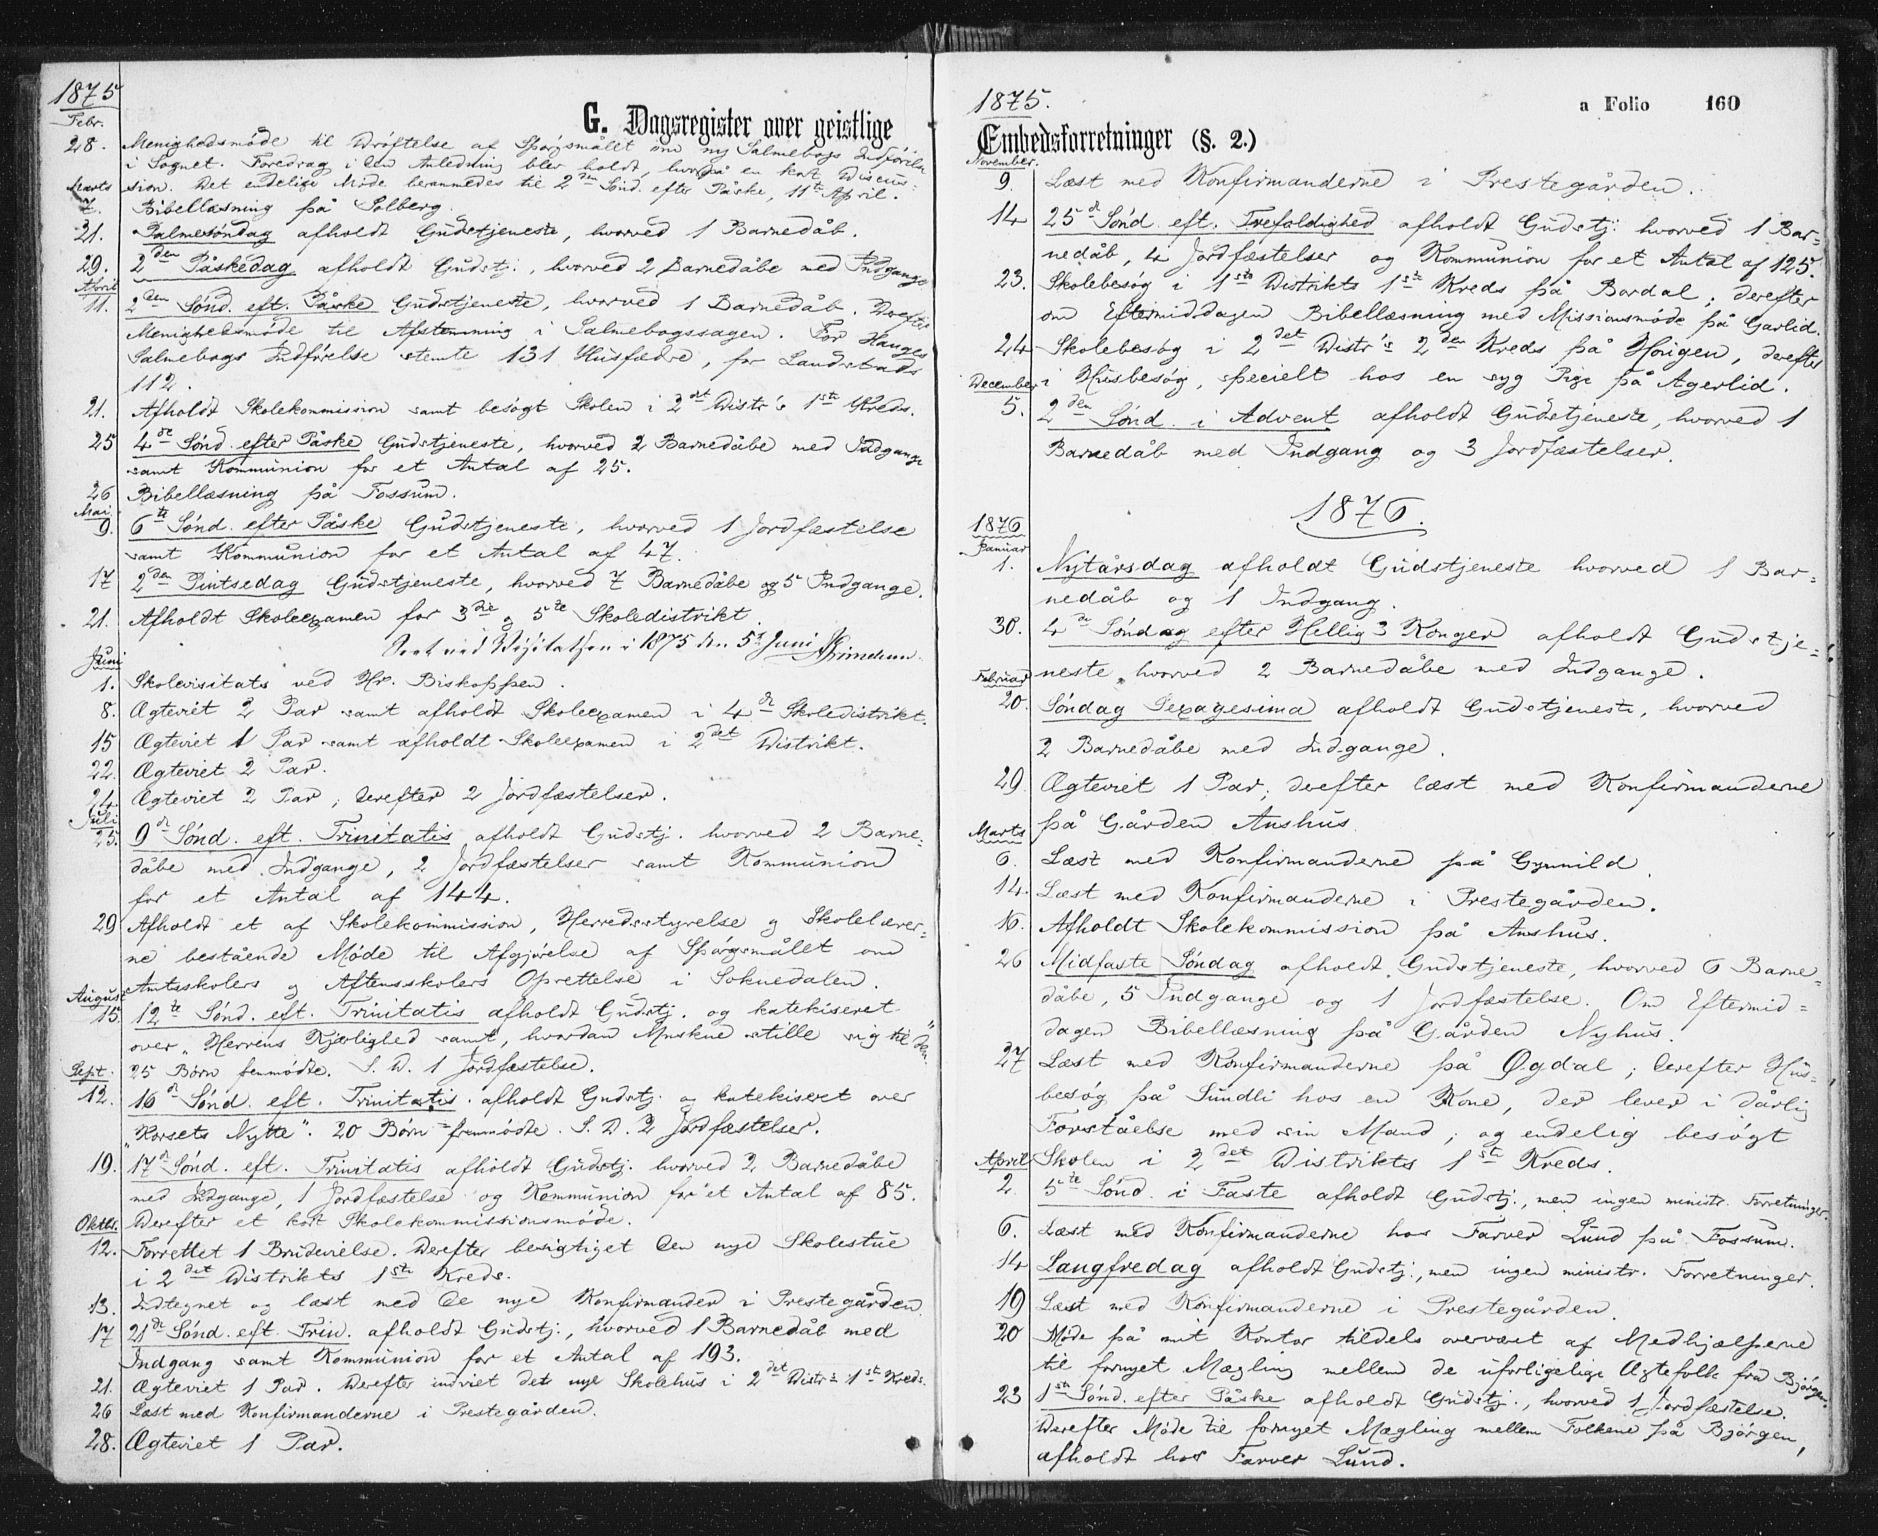 SAT, Ministerialprotokoller, klokkerbøker og fødselsregistre - Sør-Trøndelag, 689/L1039: Ministerialbok nr. 689A04, 1865-1878, s. 160